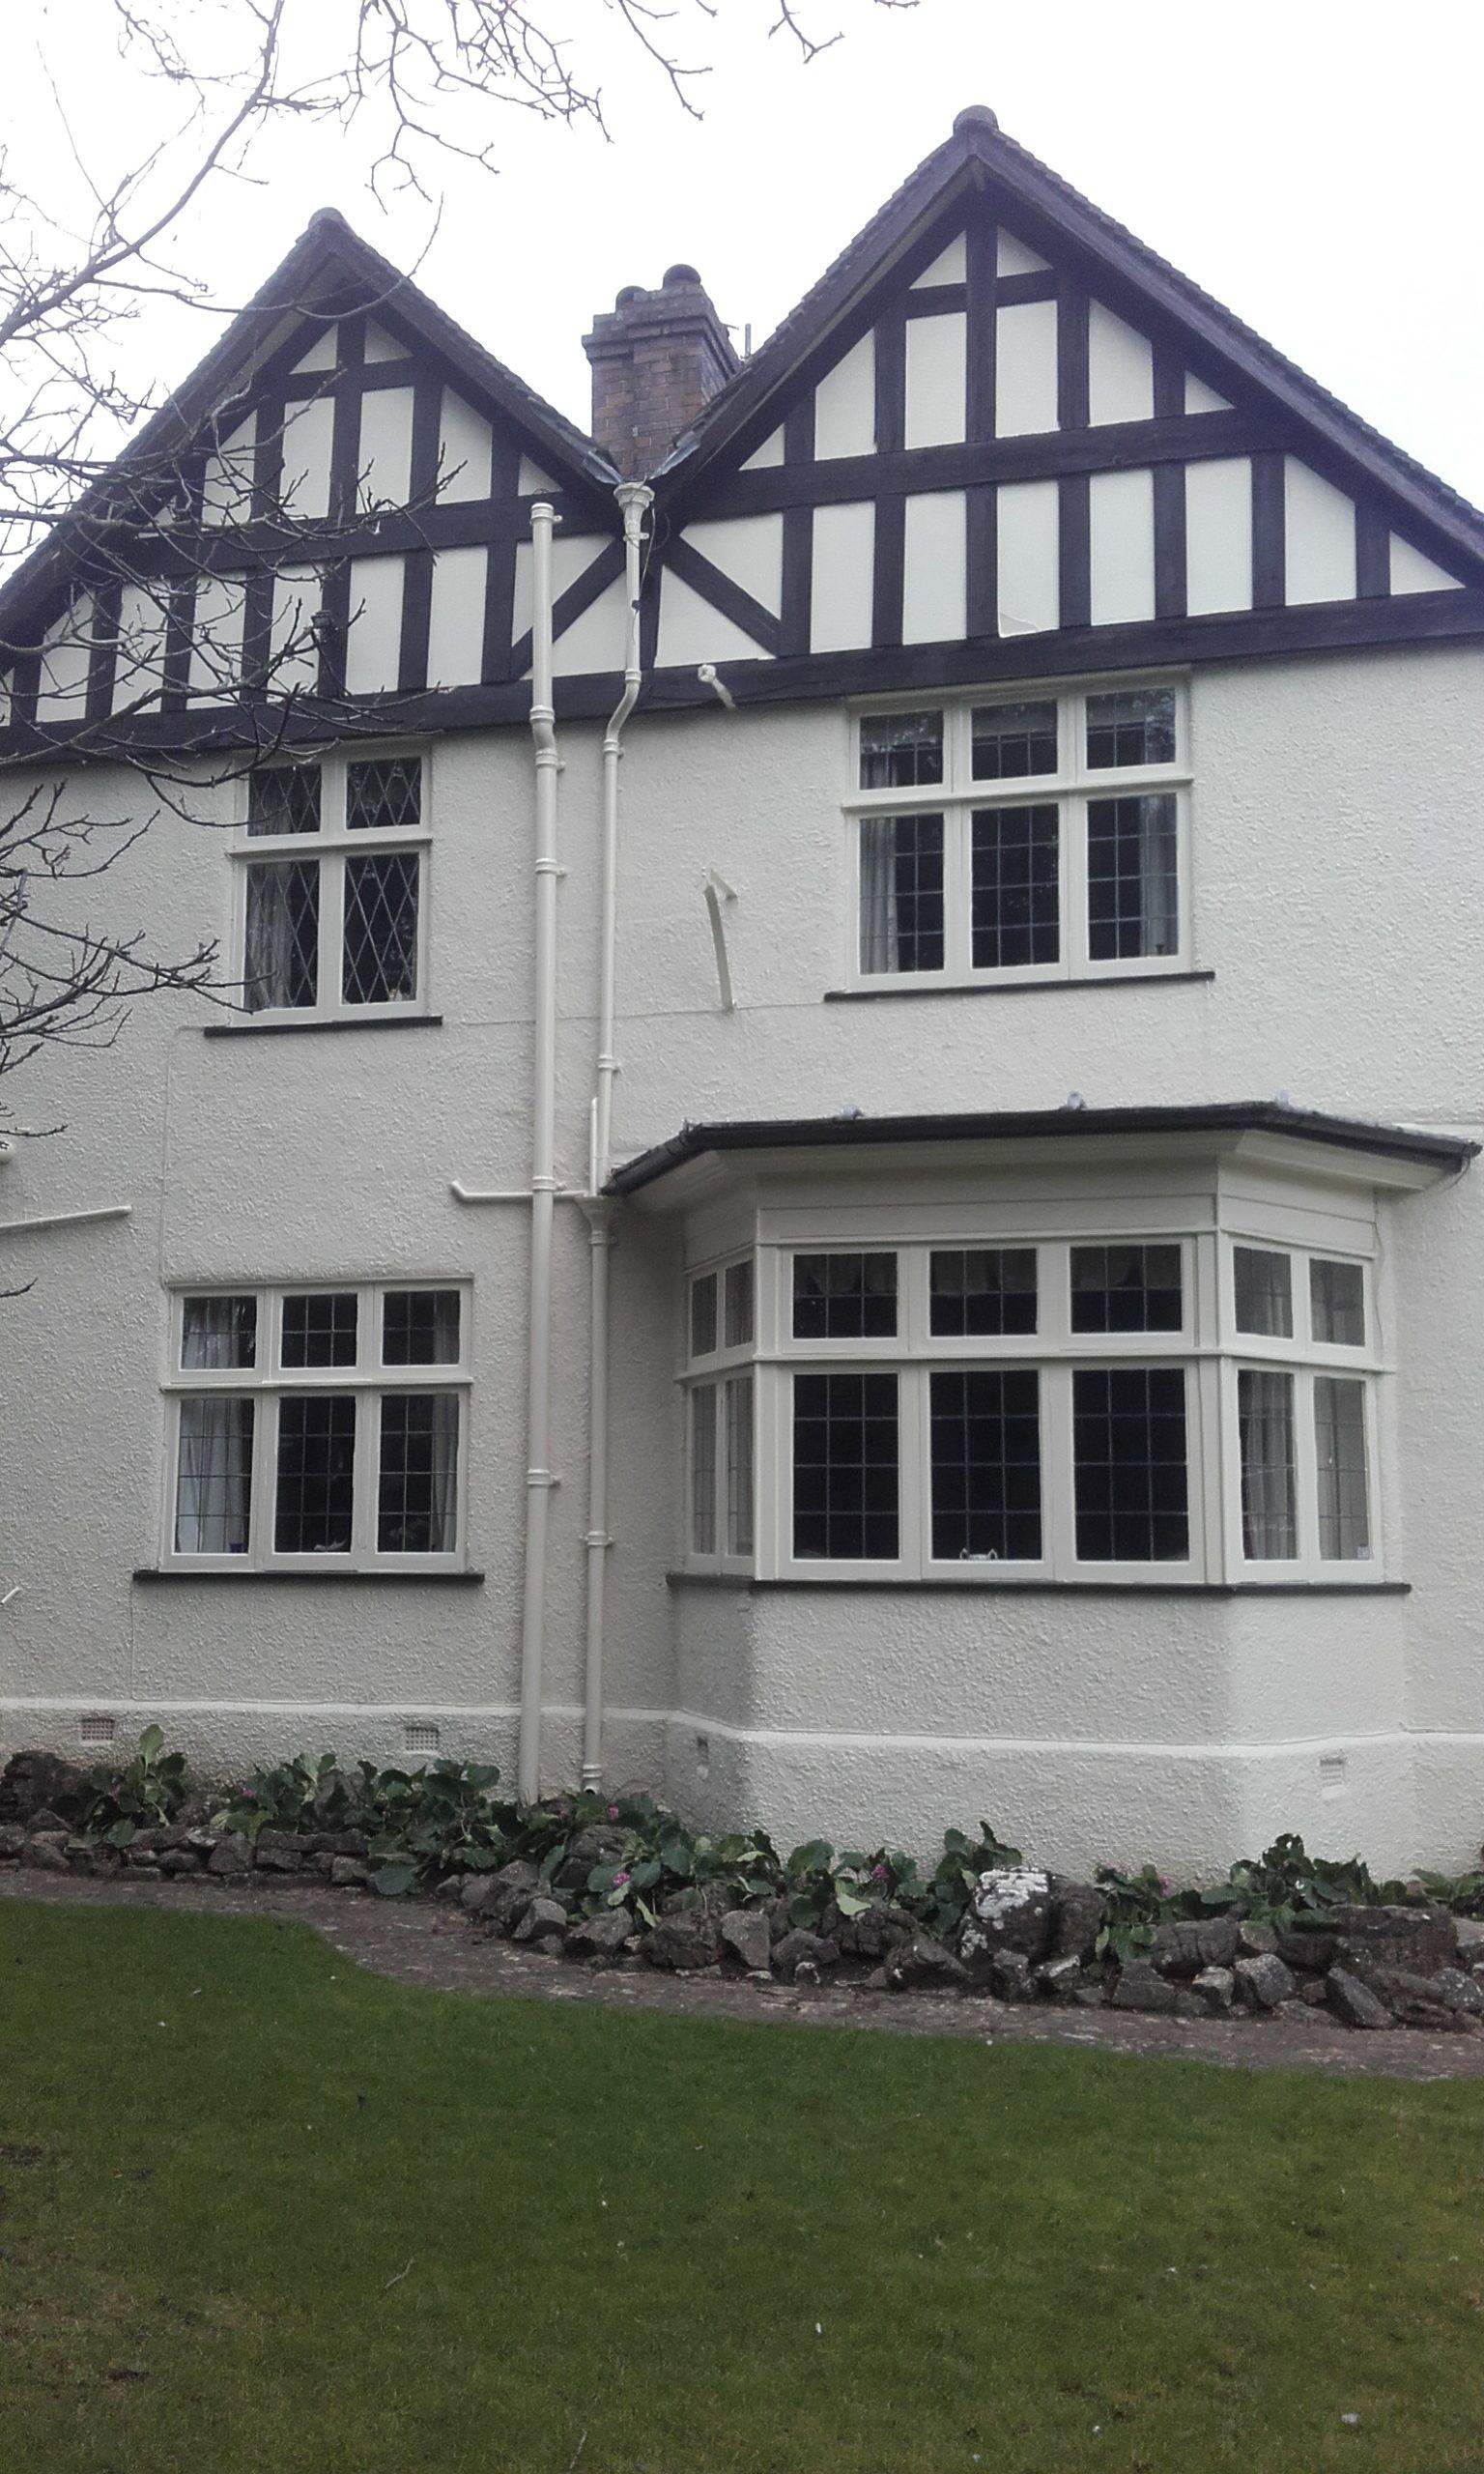 Residence 9 White